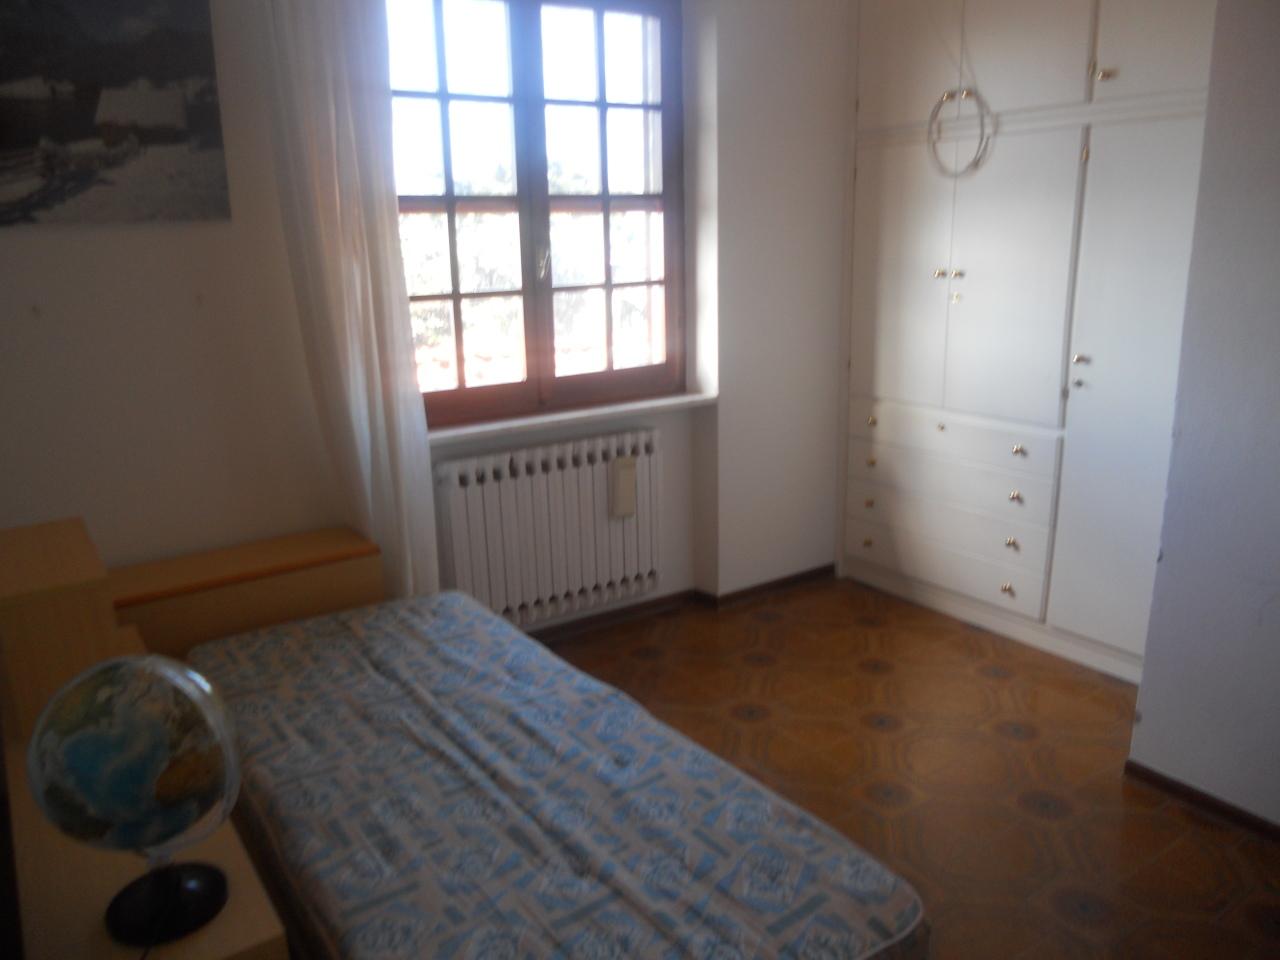 Villetta trifamiliare in vendita, rif. 2552